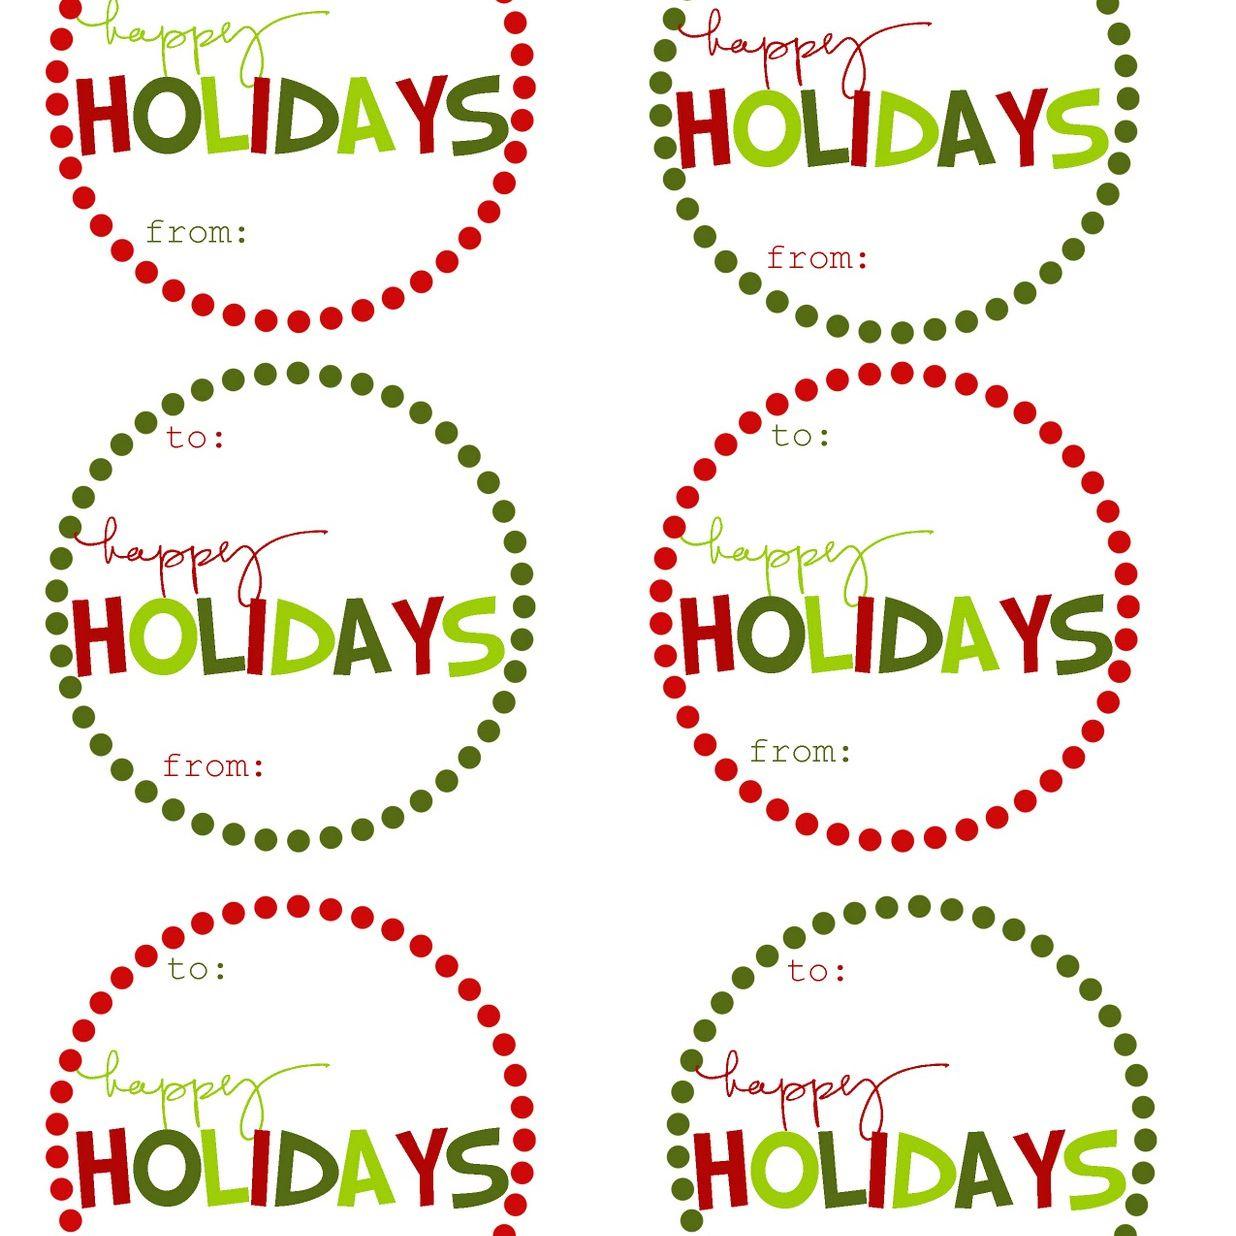 40 Sets Of Free Printable Christmas Gift Tags - Printable Gift Tags Customized Free